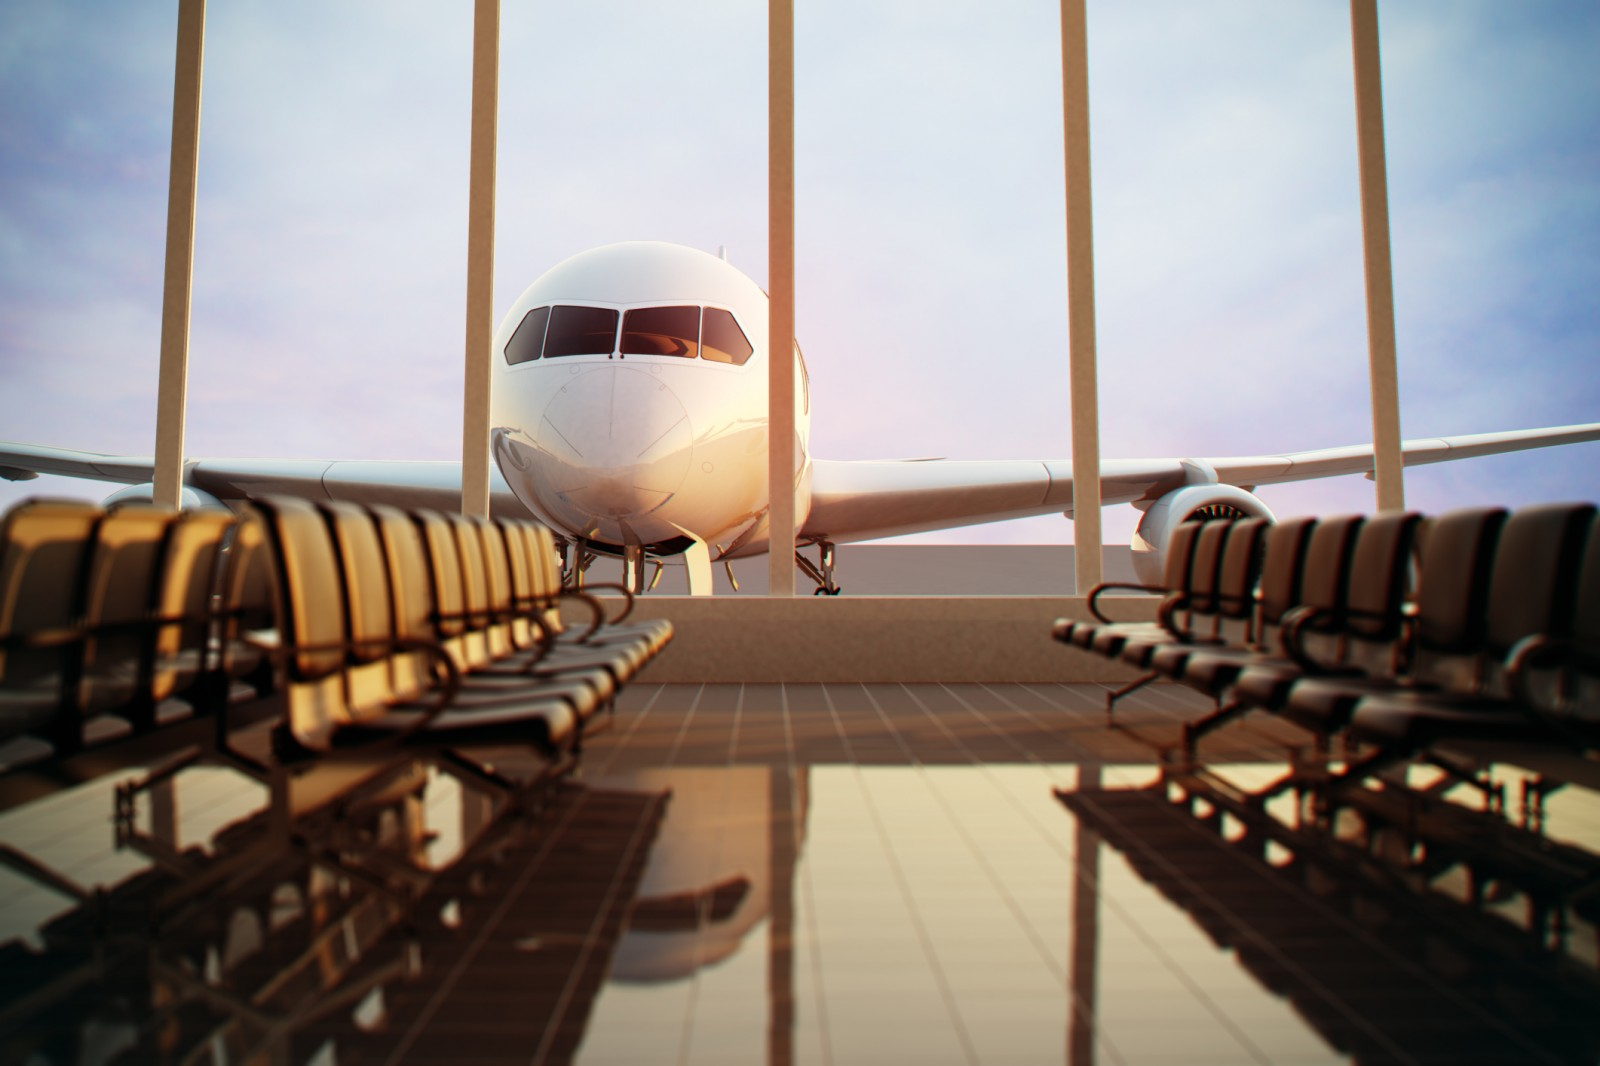 Cancellazione/ritardo del volo o negato imbarco: come tutelare i diritti dei passeggeri